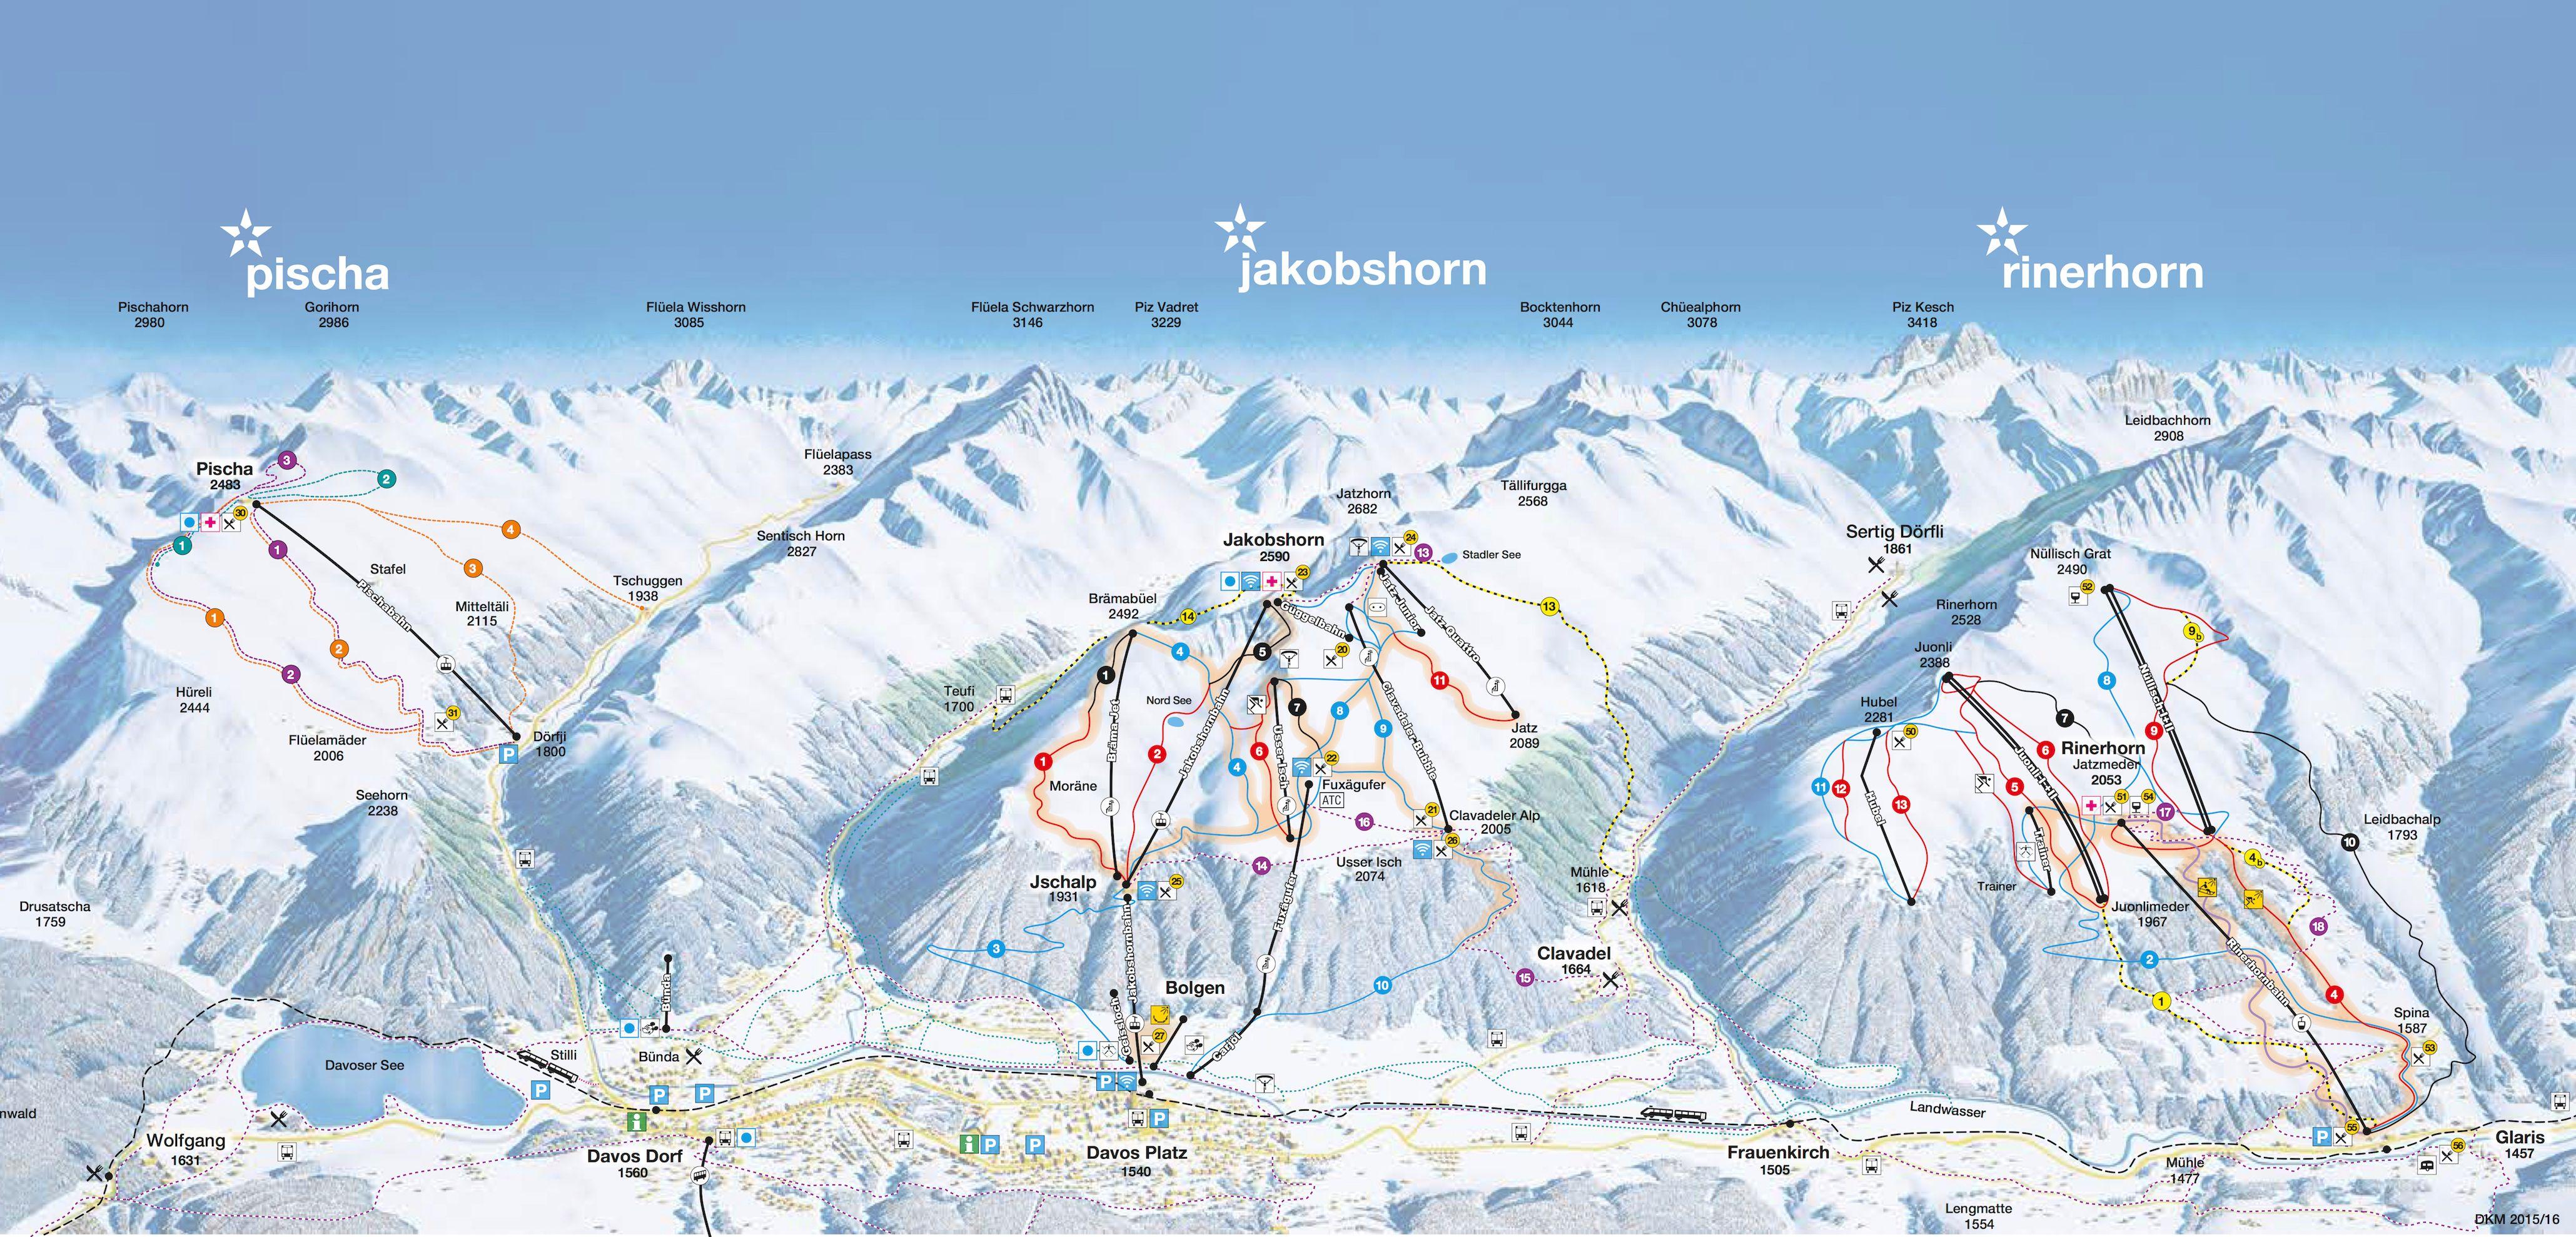 Pischa - Jakobshorn - Rinerhorn